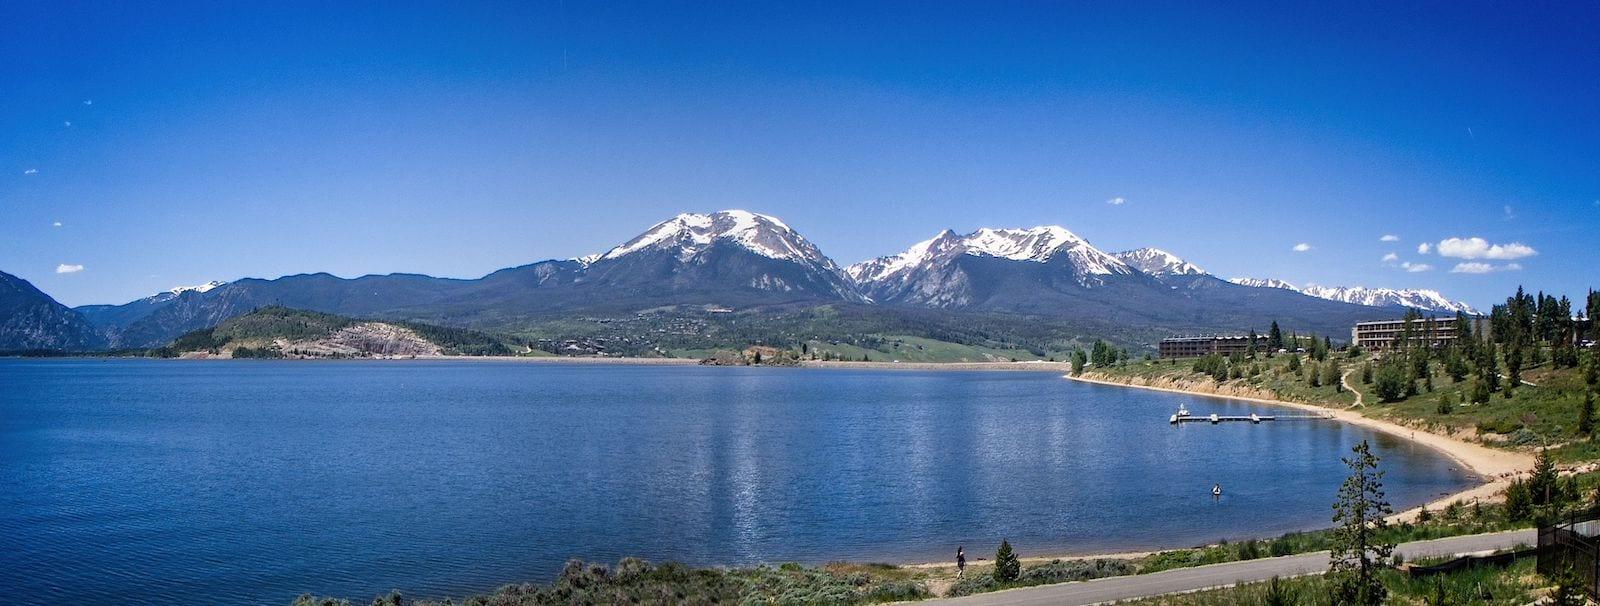 Dillon Reservoir, Dillon CO